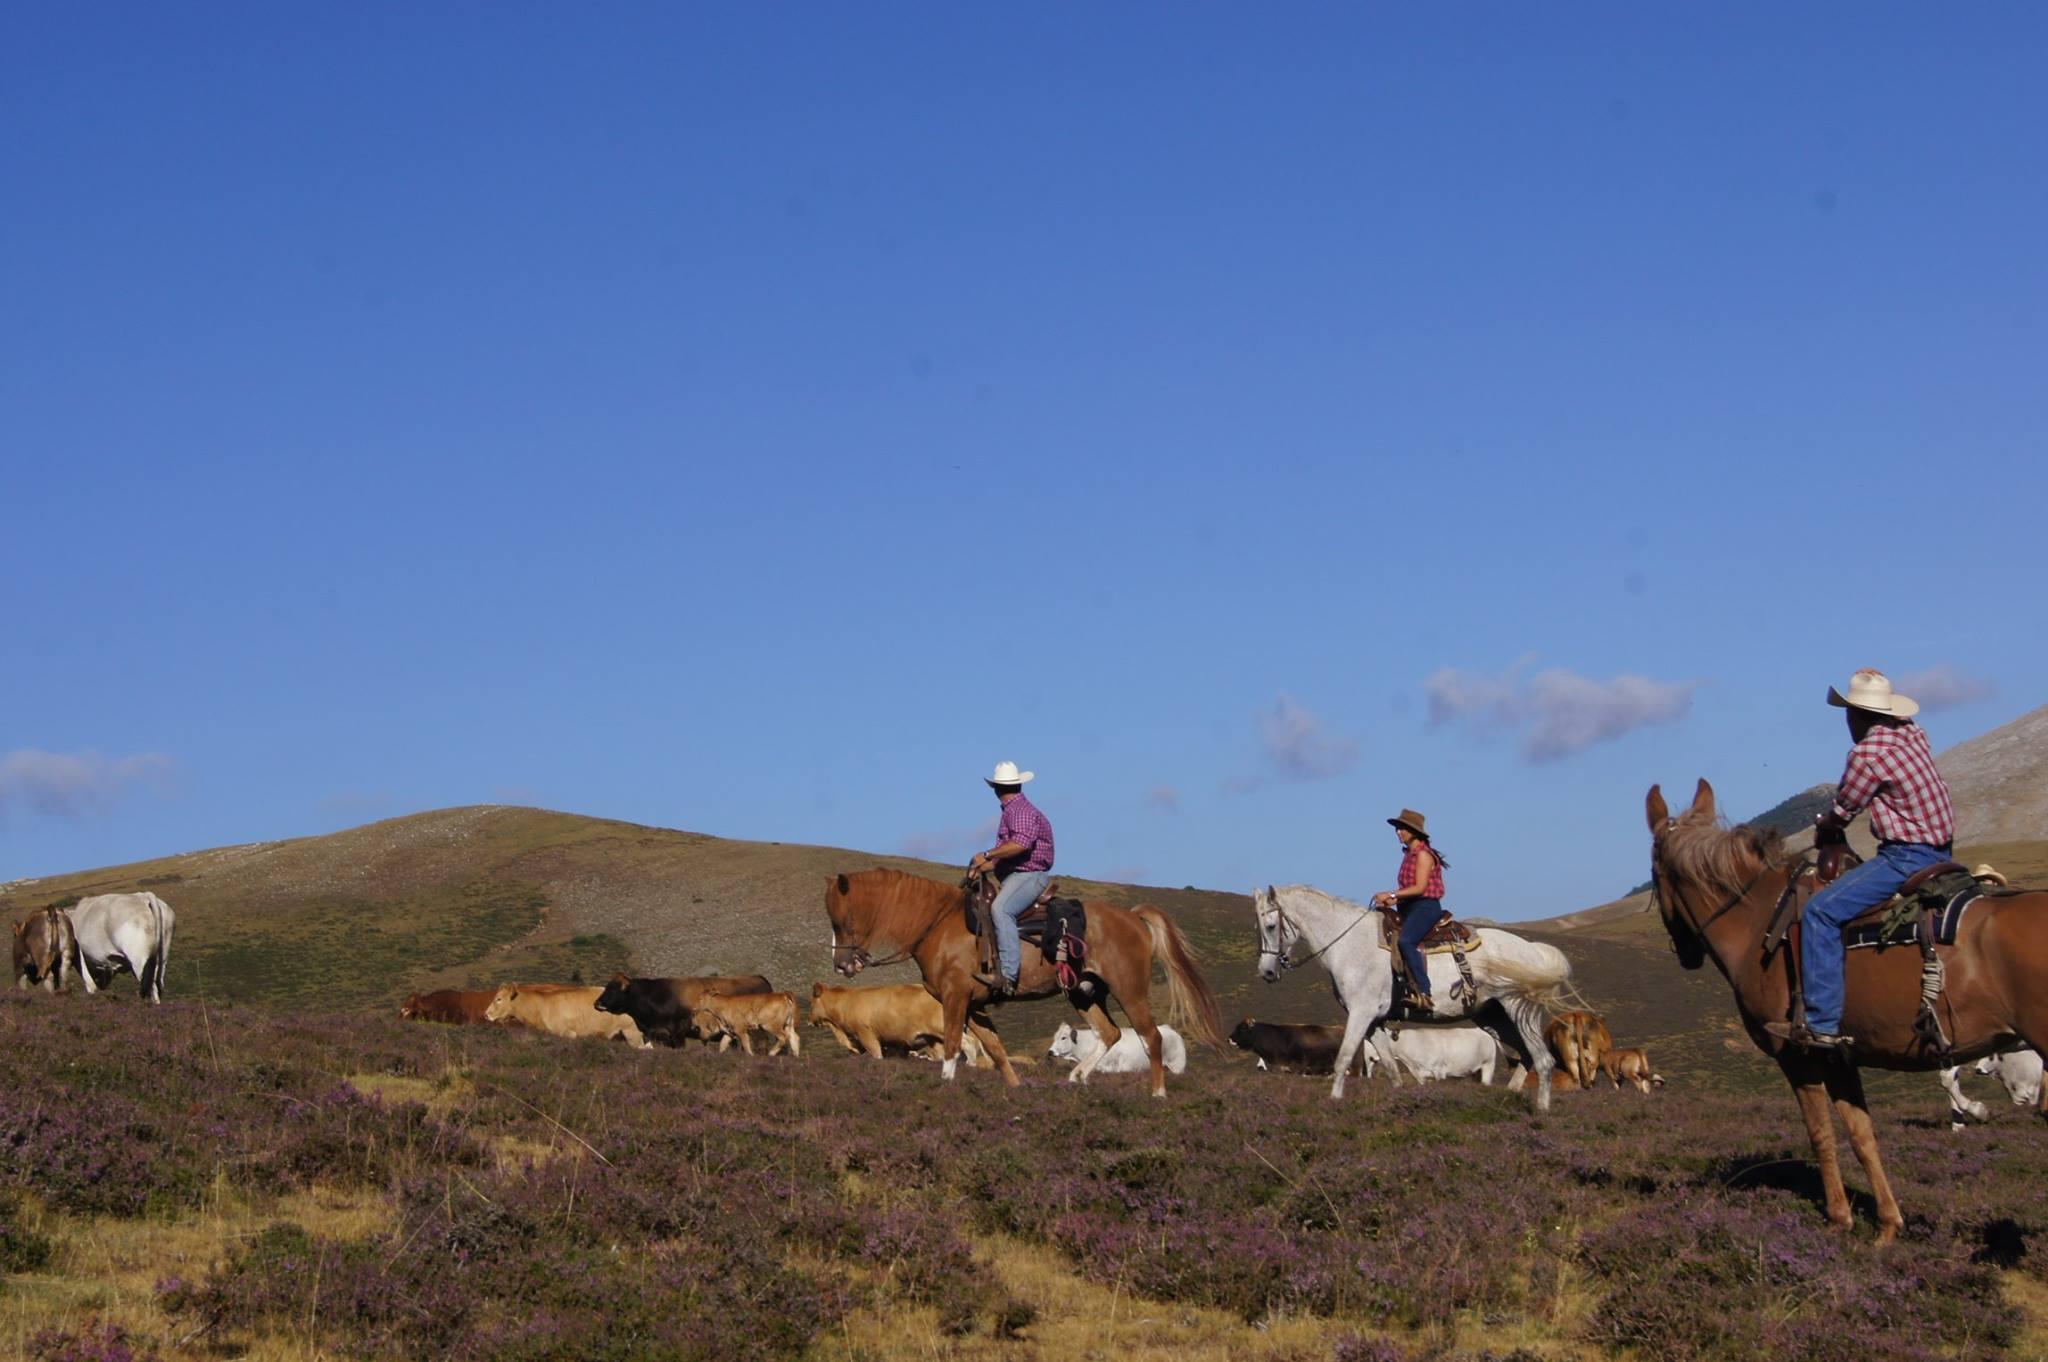 ¡¡¡TRASHUMANCIA !!! del 2 al 8 de junio Una fantástica aventura en la que acompañaremos una manada de más de 120 cabezas de ganado a través de fabulosos paisajes en la confluencia de Burgos, Soria y La Rioja.